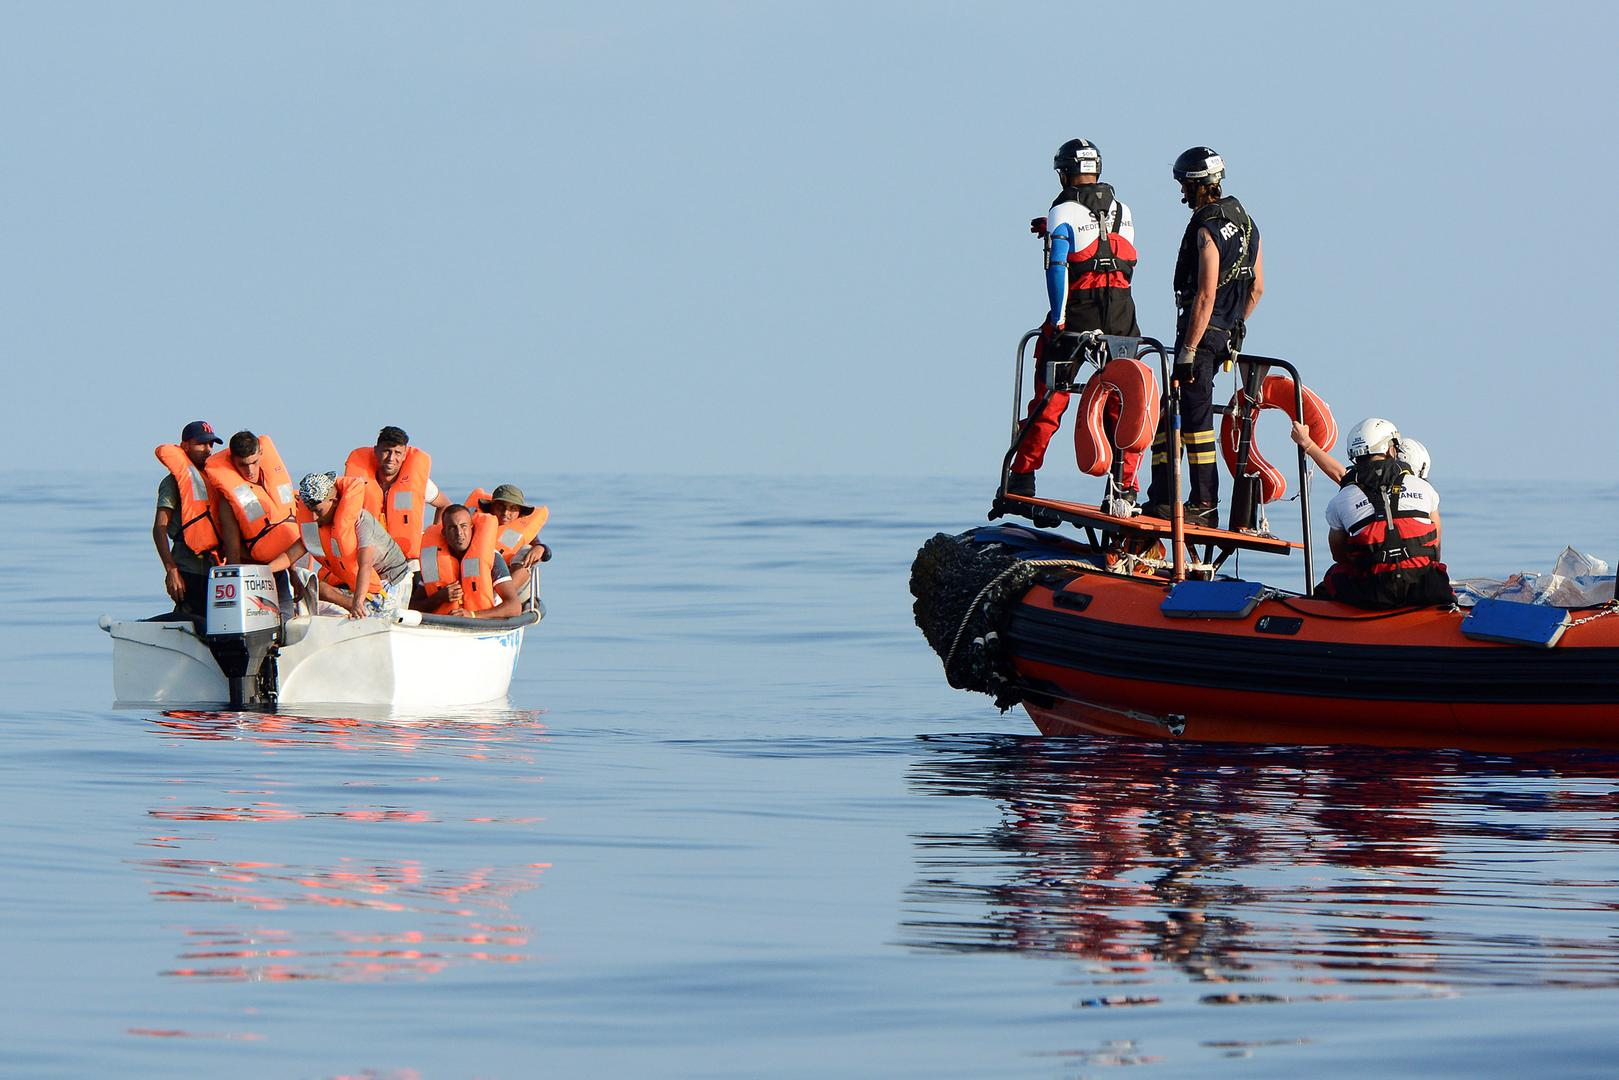 Guardacostas rescataron a 44 migrantes en mar Egeo Ankara. Prensa Latina